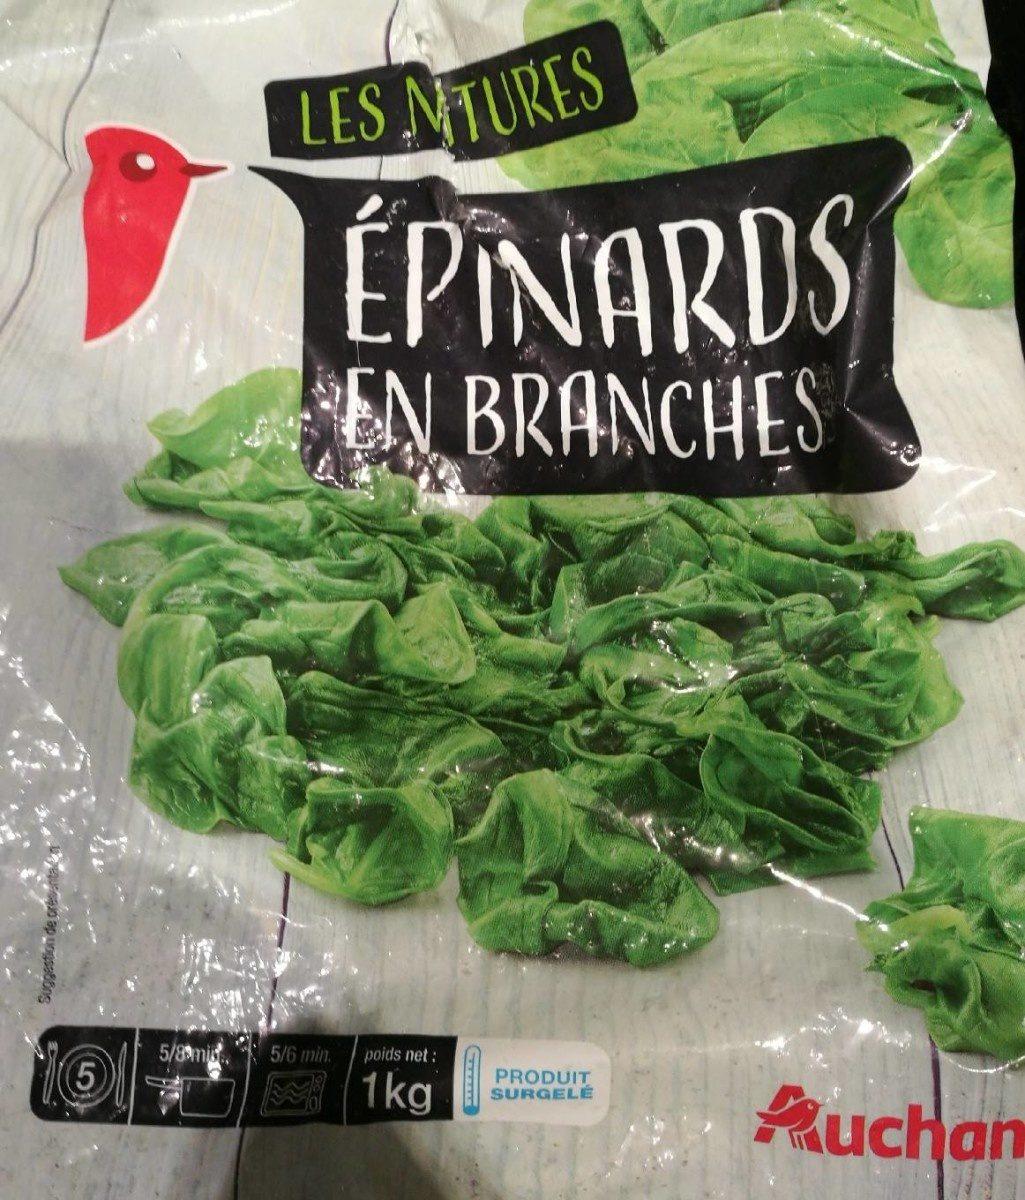 Les natures épinards en branches - Product - fr